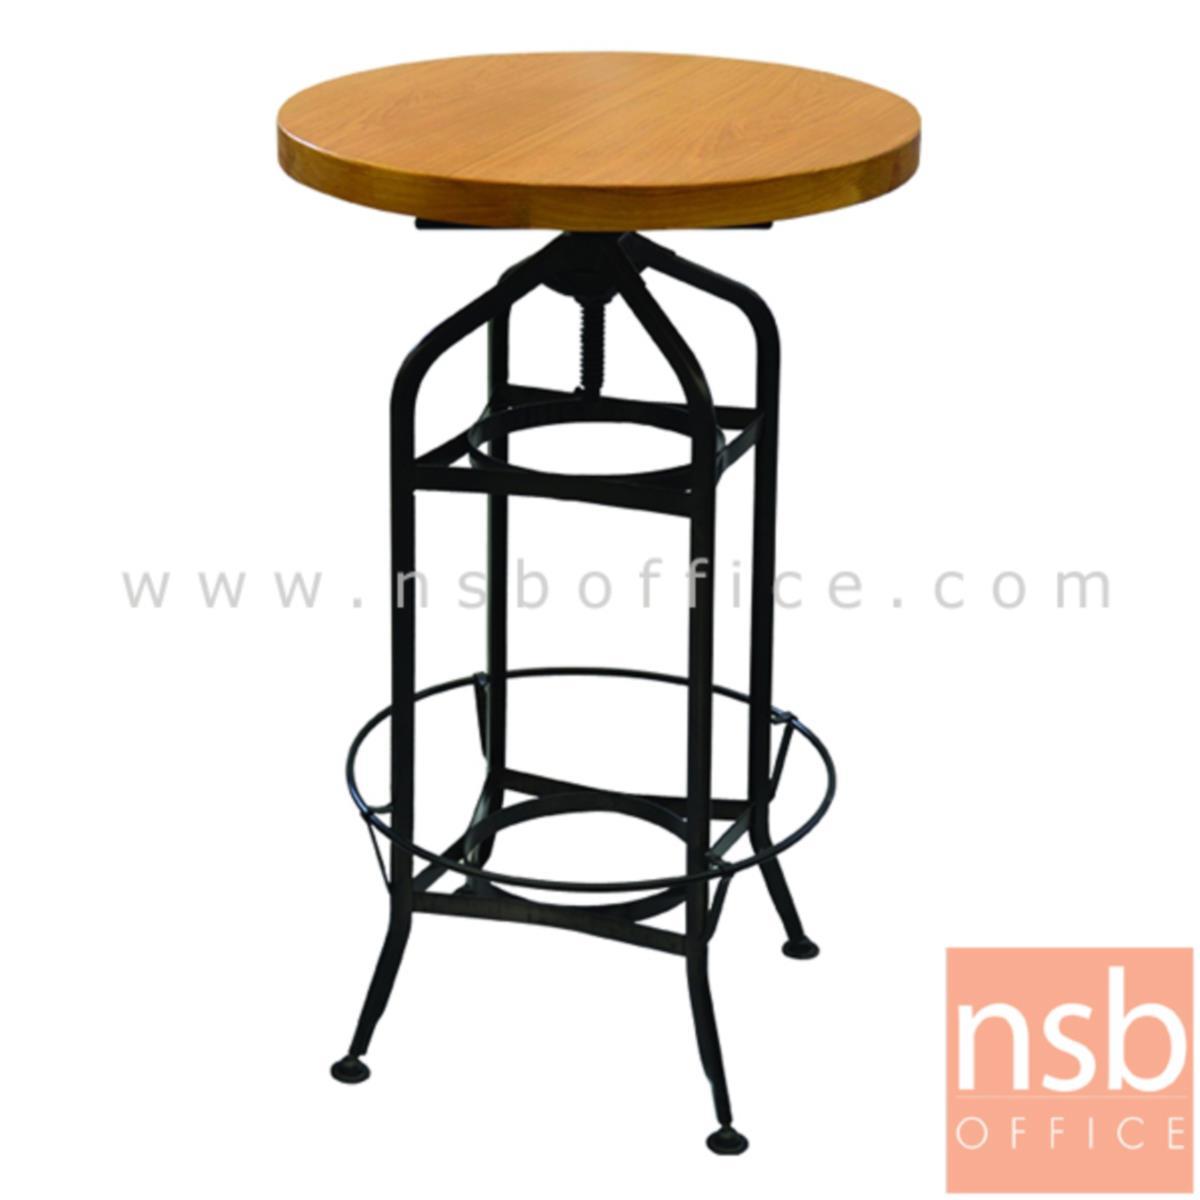 A14A178:โต๊ะหน้าไม้วีเนียร์ รุ่น NP4981-GM  ขนาด 60Di cm.  โครงขาเหล็กพ่นสีดำ